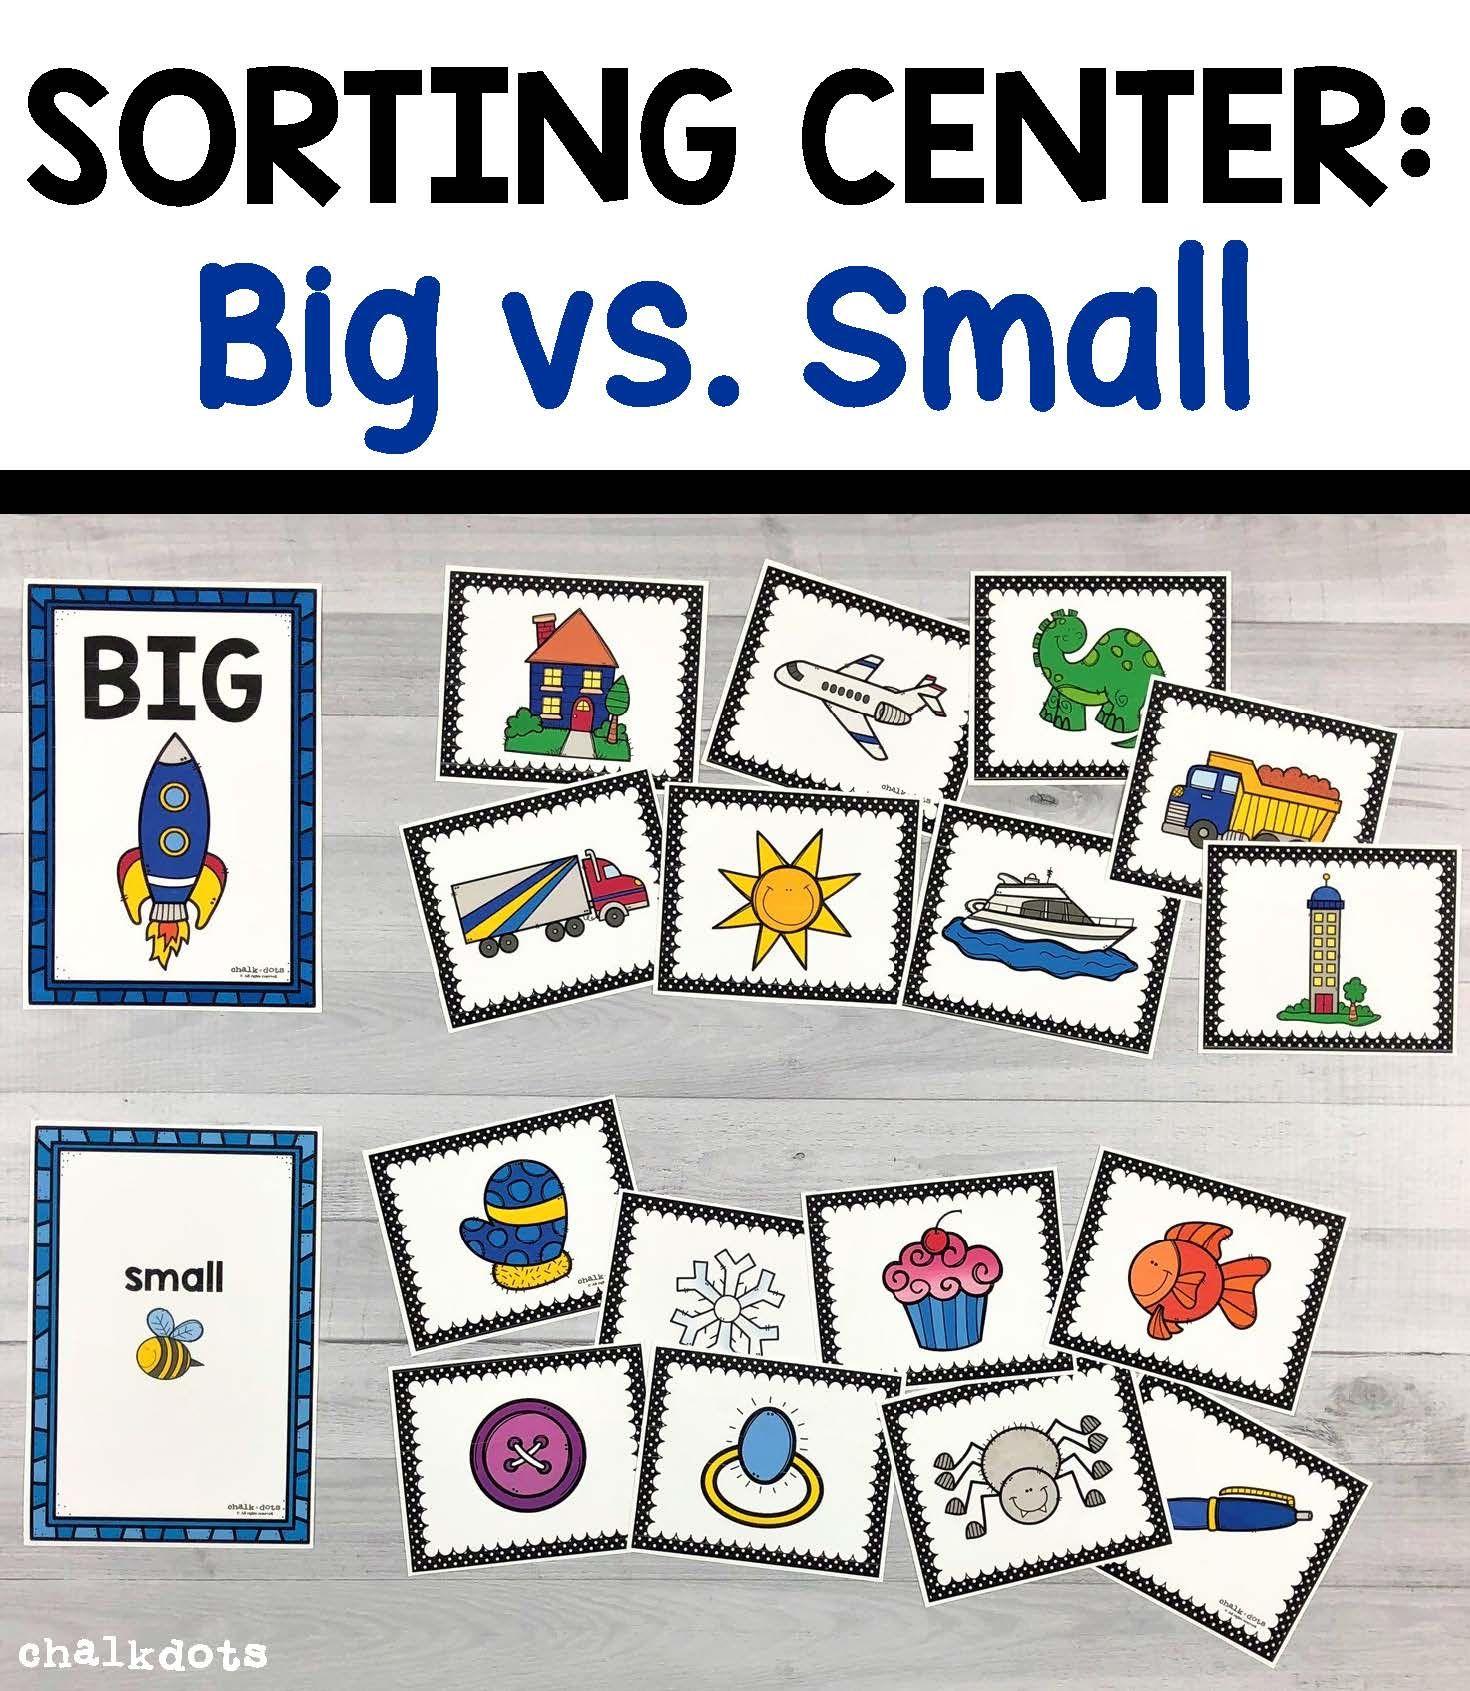 Big Vs Small Sorting Circle Time Activities Preschool Activities Toddler Learning Activities [ 1691 x 1470 Pixel ]